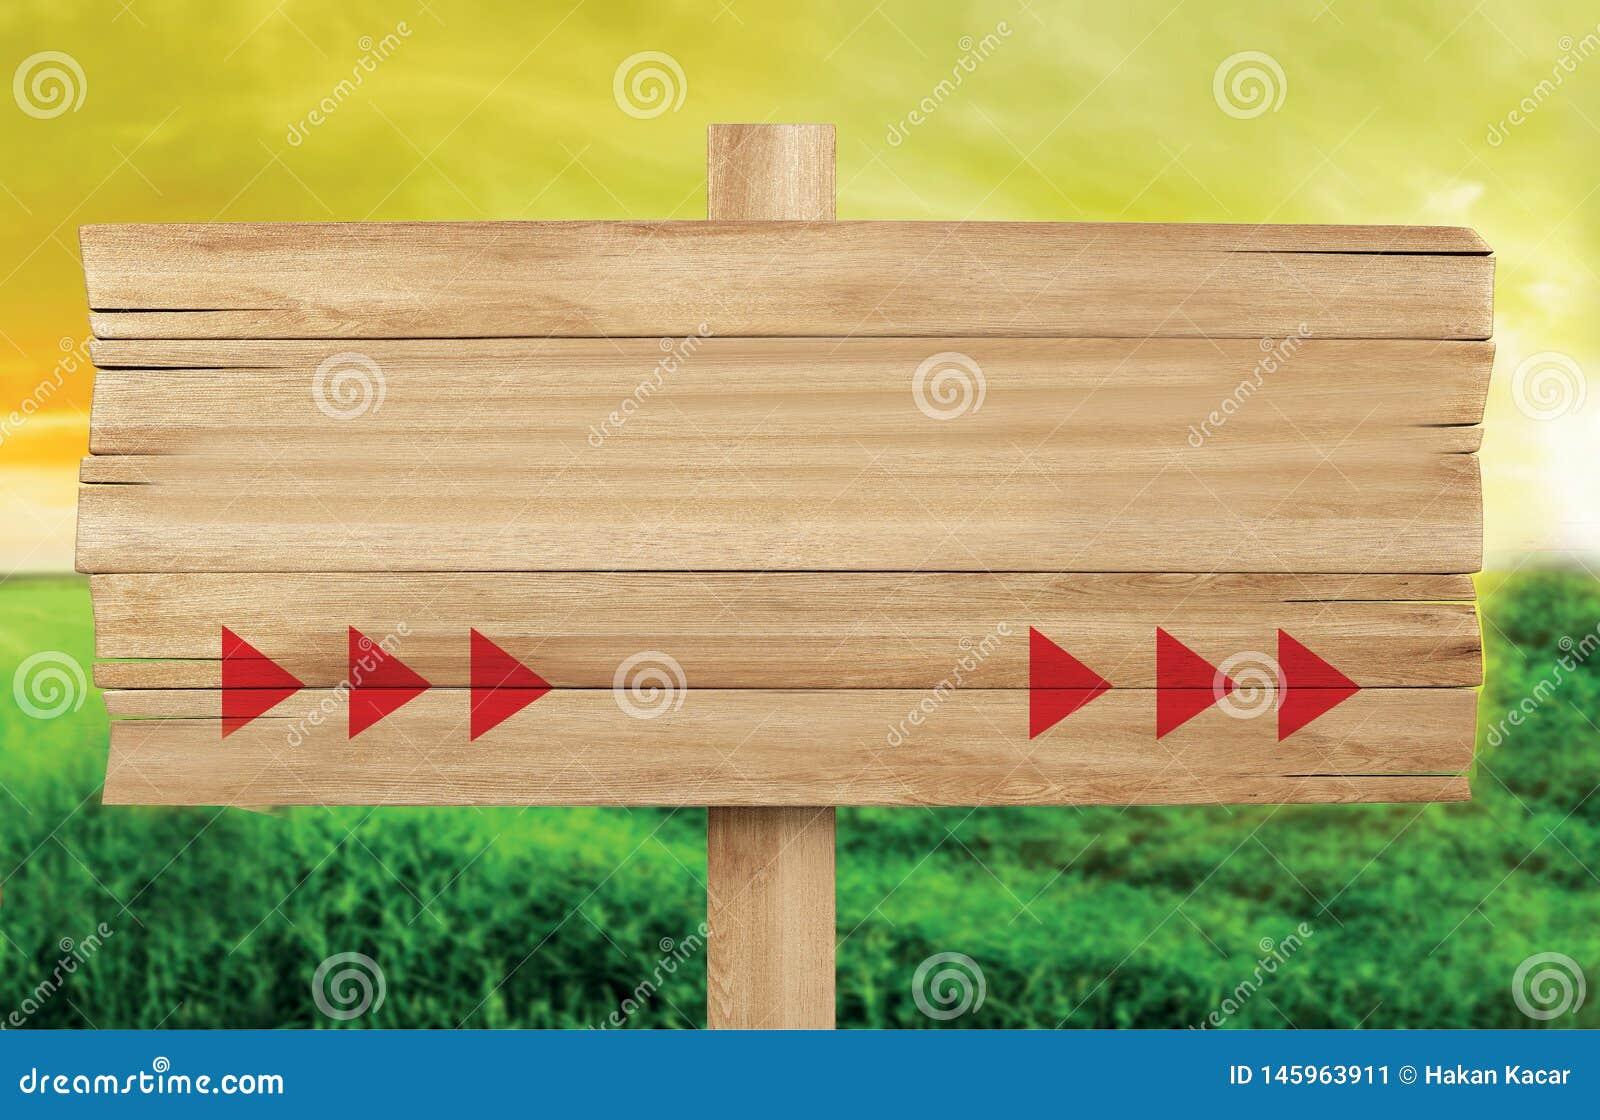 Enseigne en bois, enseigne de ferme espace vide pour l inscription